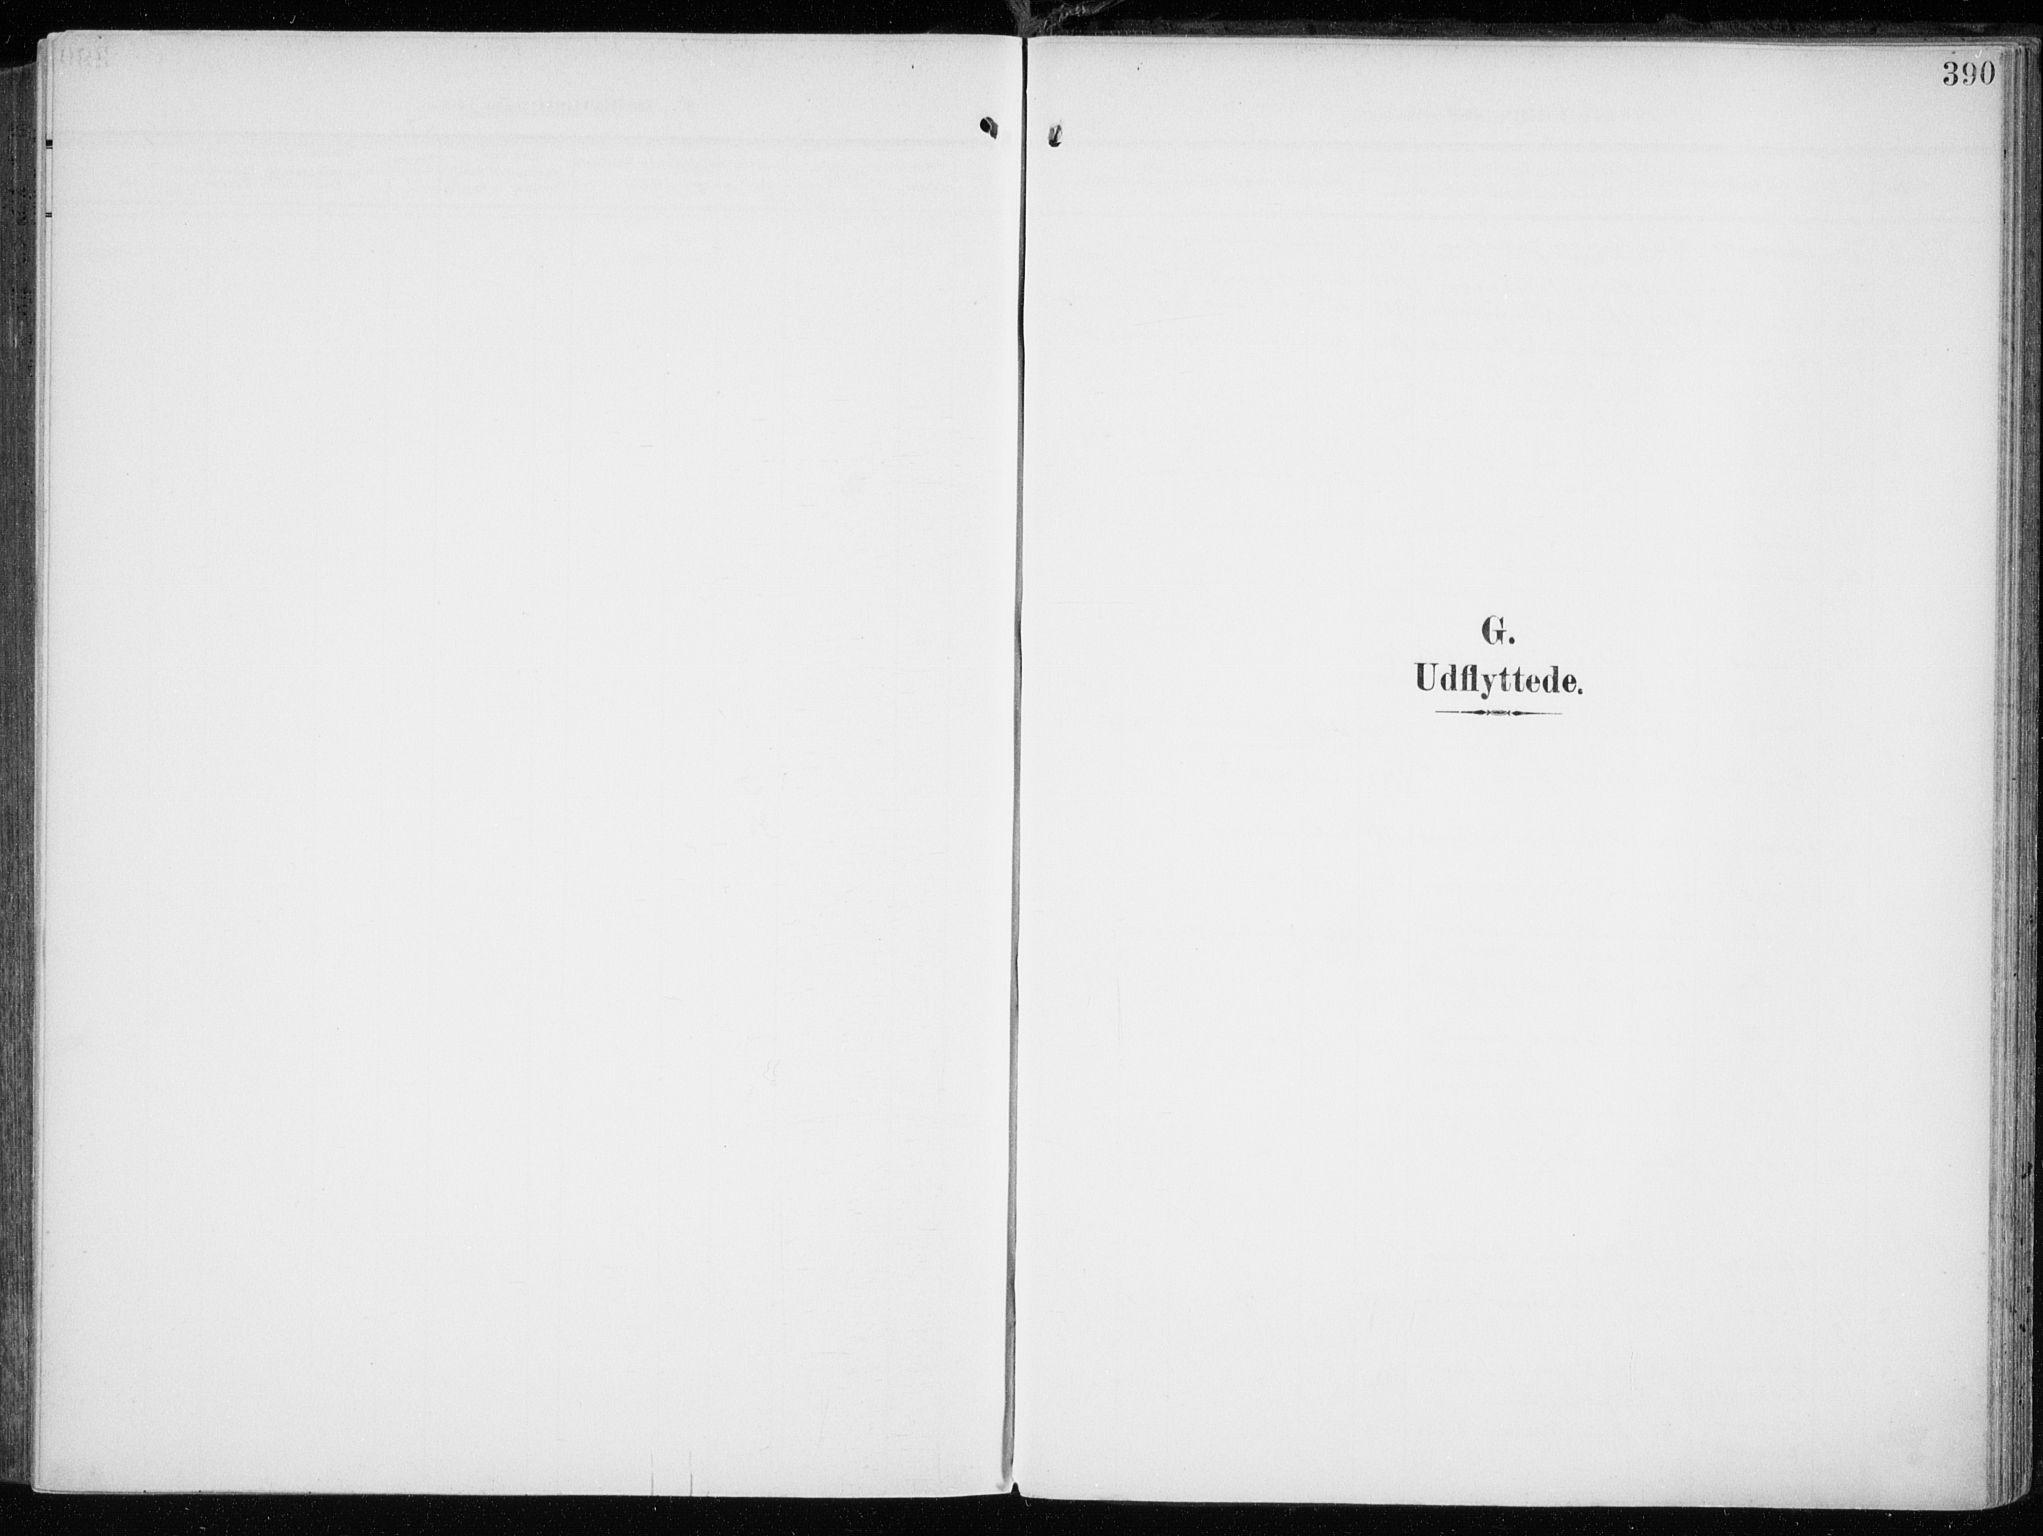 SATØ, Tromsøysund sokneprestkontor, G/Ga/L0007kirke: Ministerialbok nr. 7, 1907-1914, s. 390